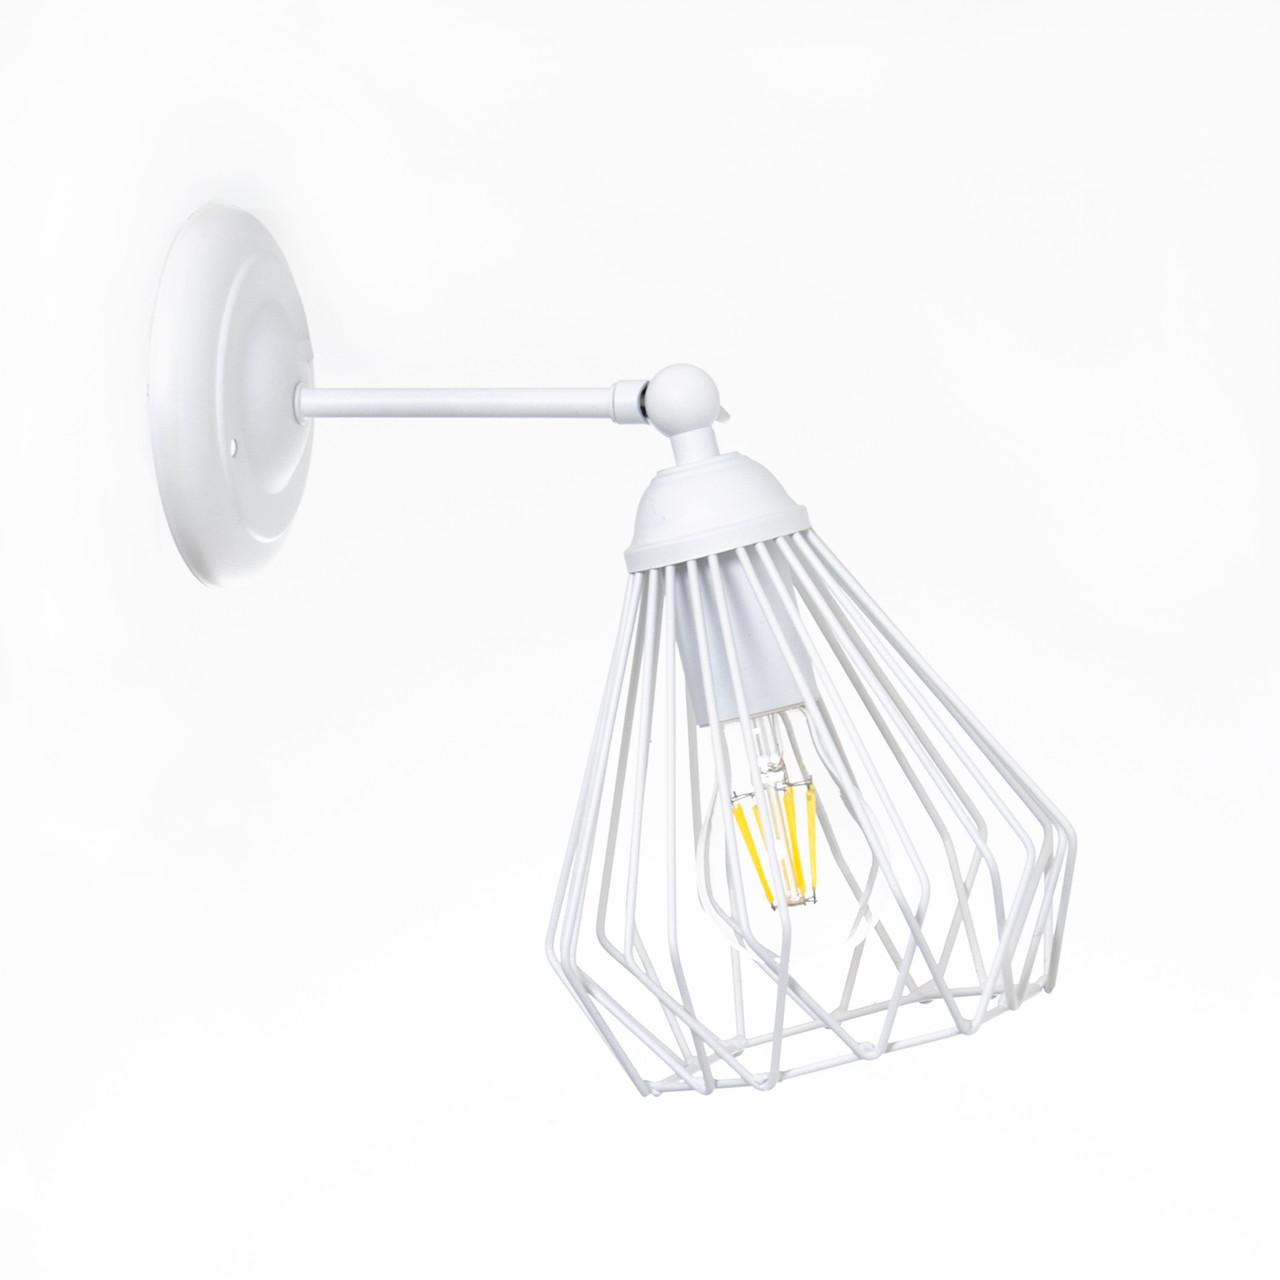 Настенный светильник Atmolight Dribble W160 Белый (1343)